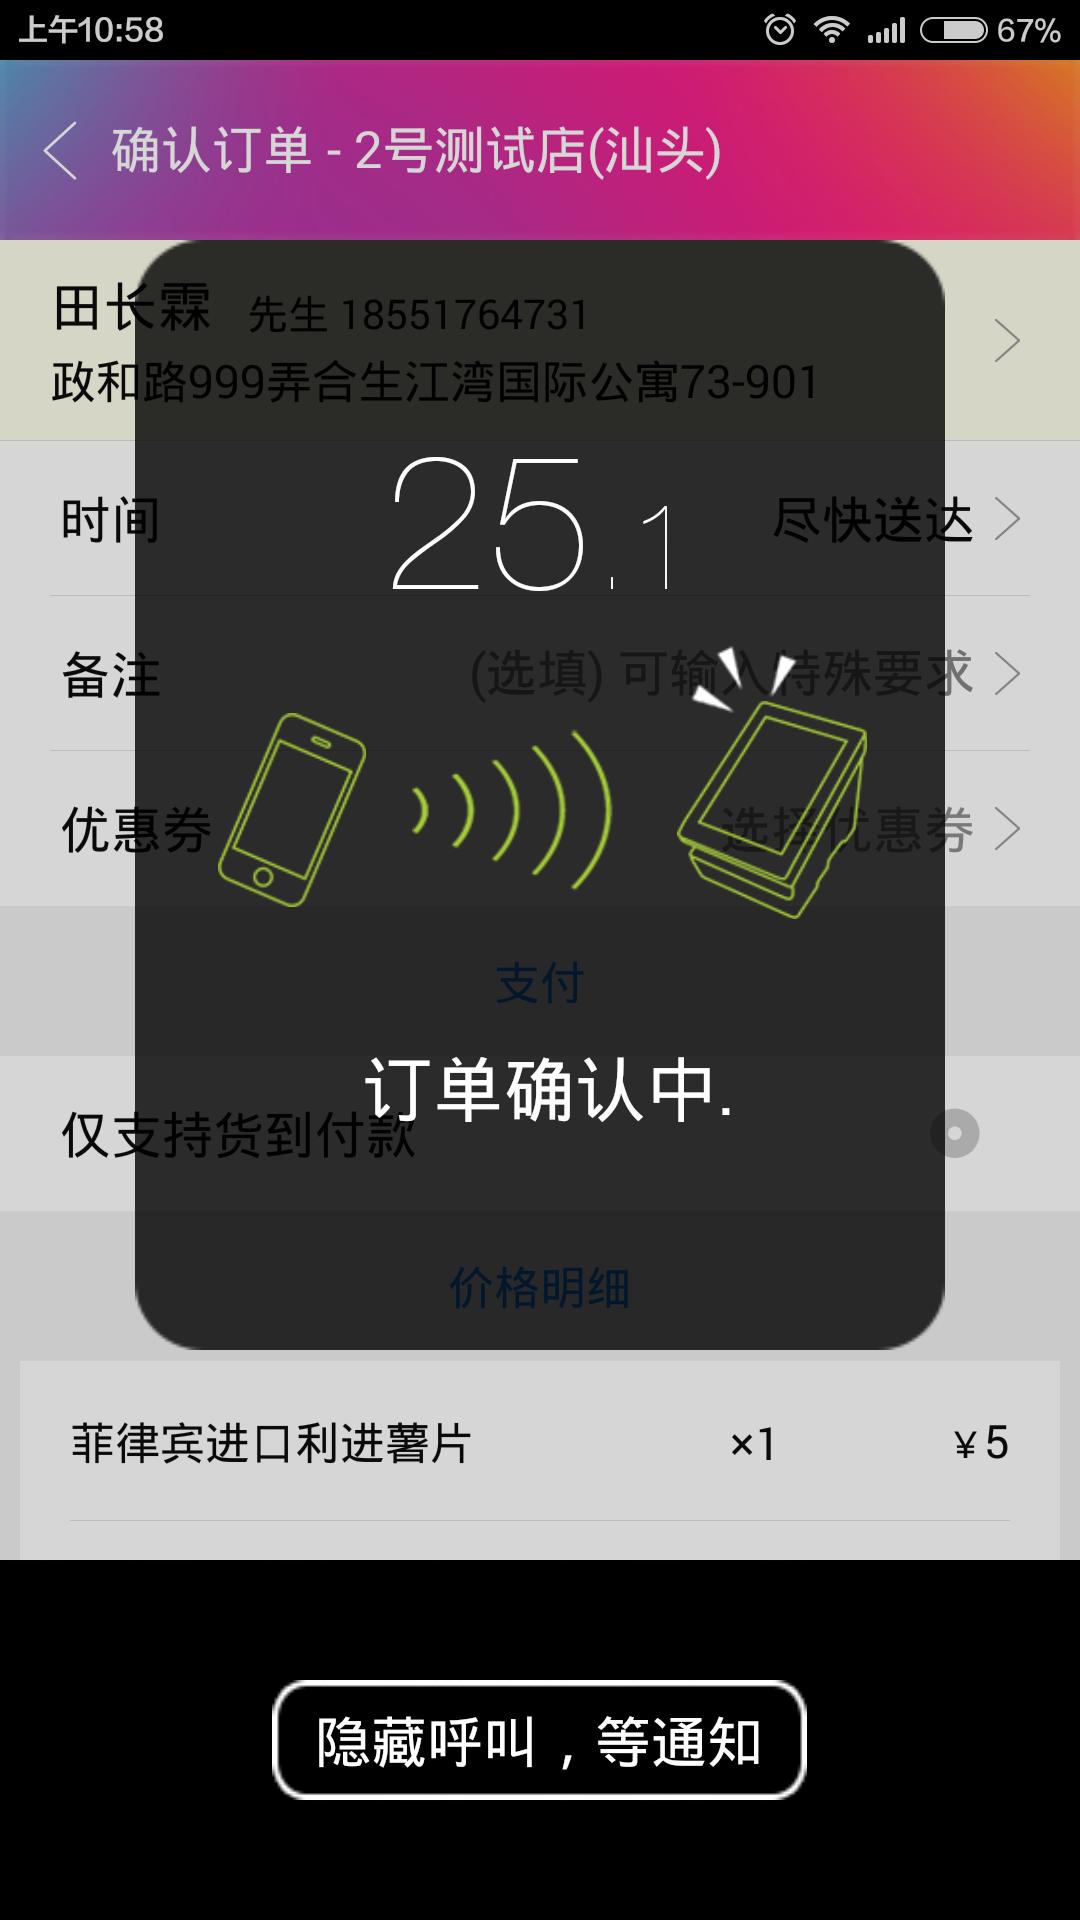 我有外卖V2.6.2 安卓版